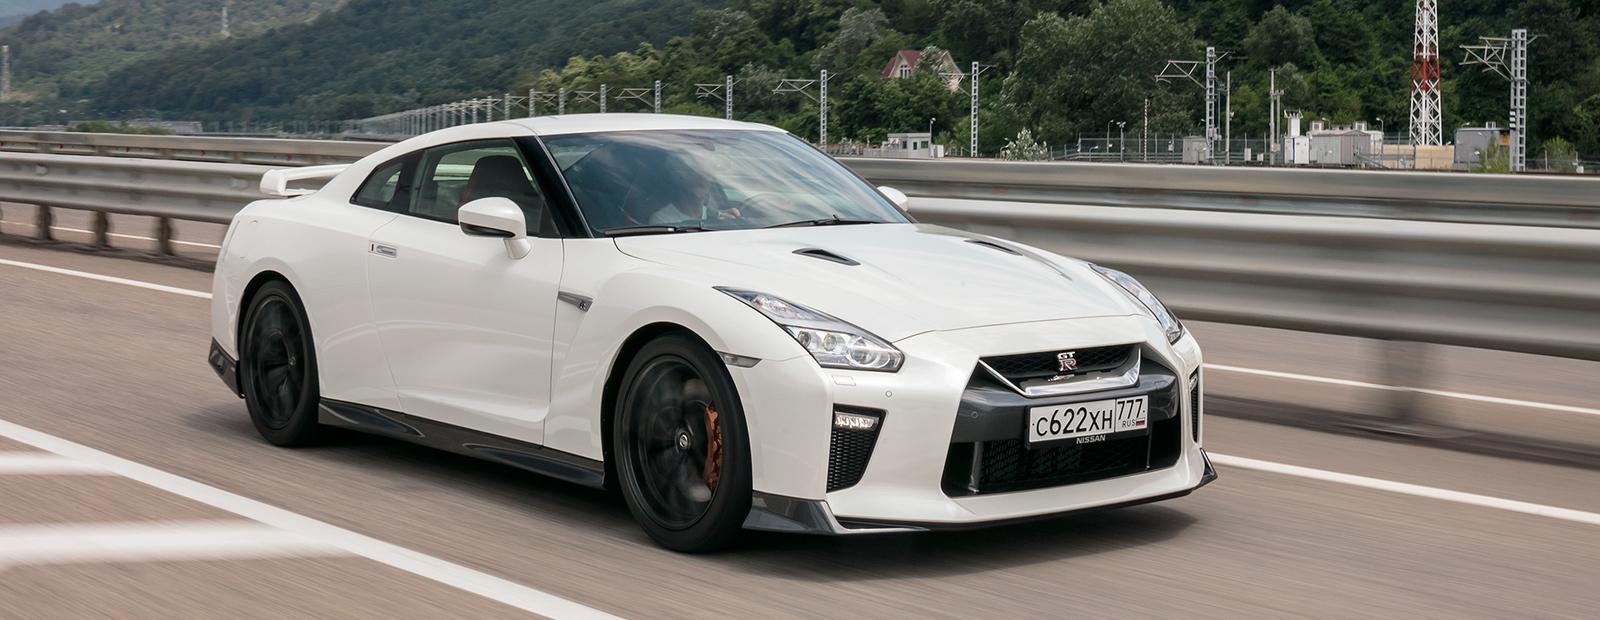 """Тест-драйв обновленного Nissan GT-R: """"Годзилла"""" с ошейником"""